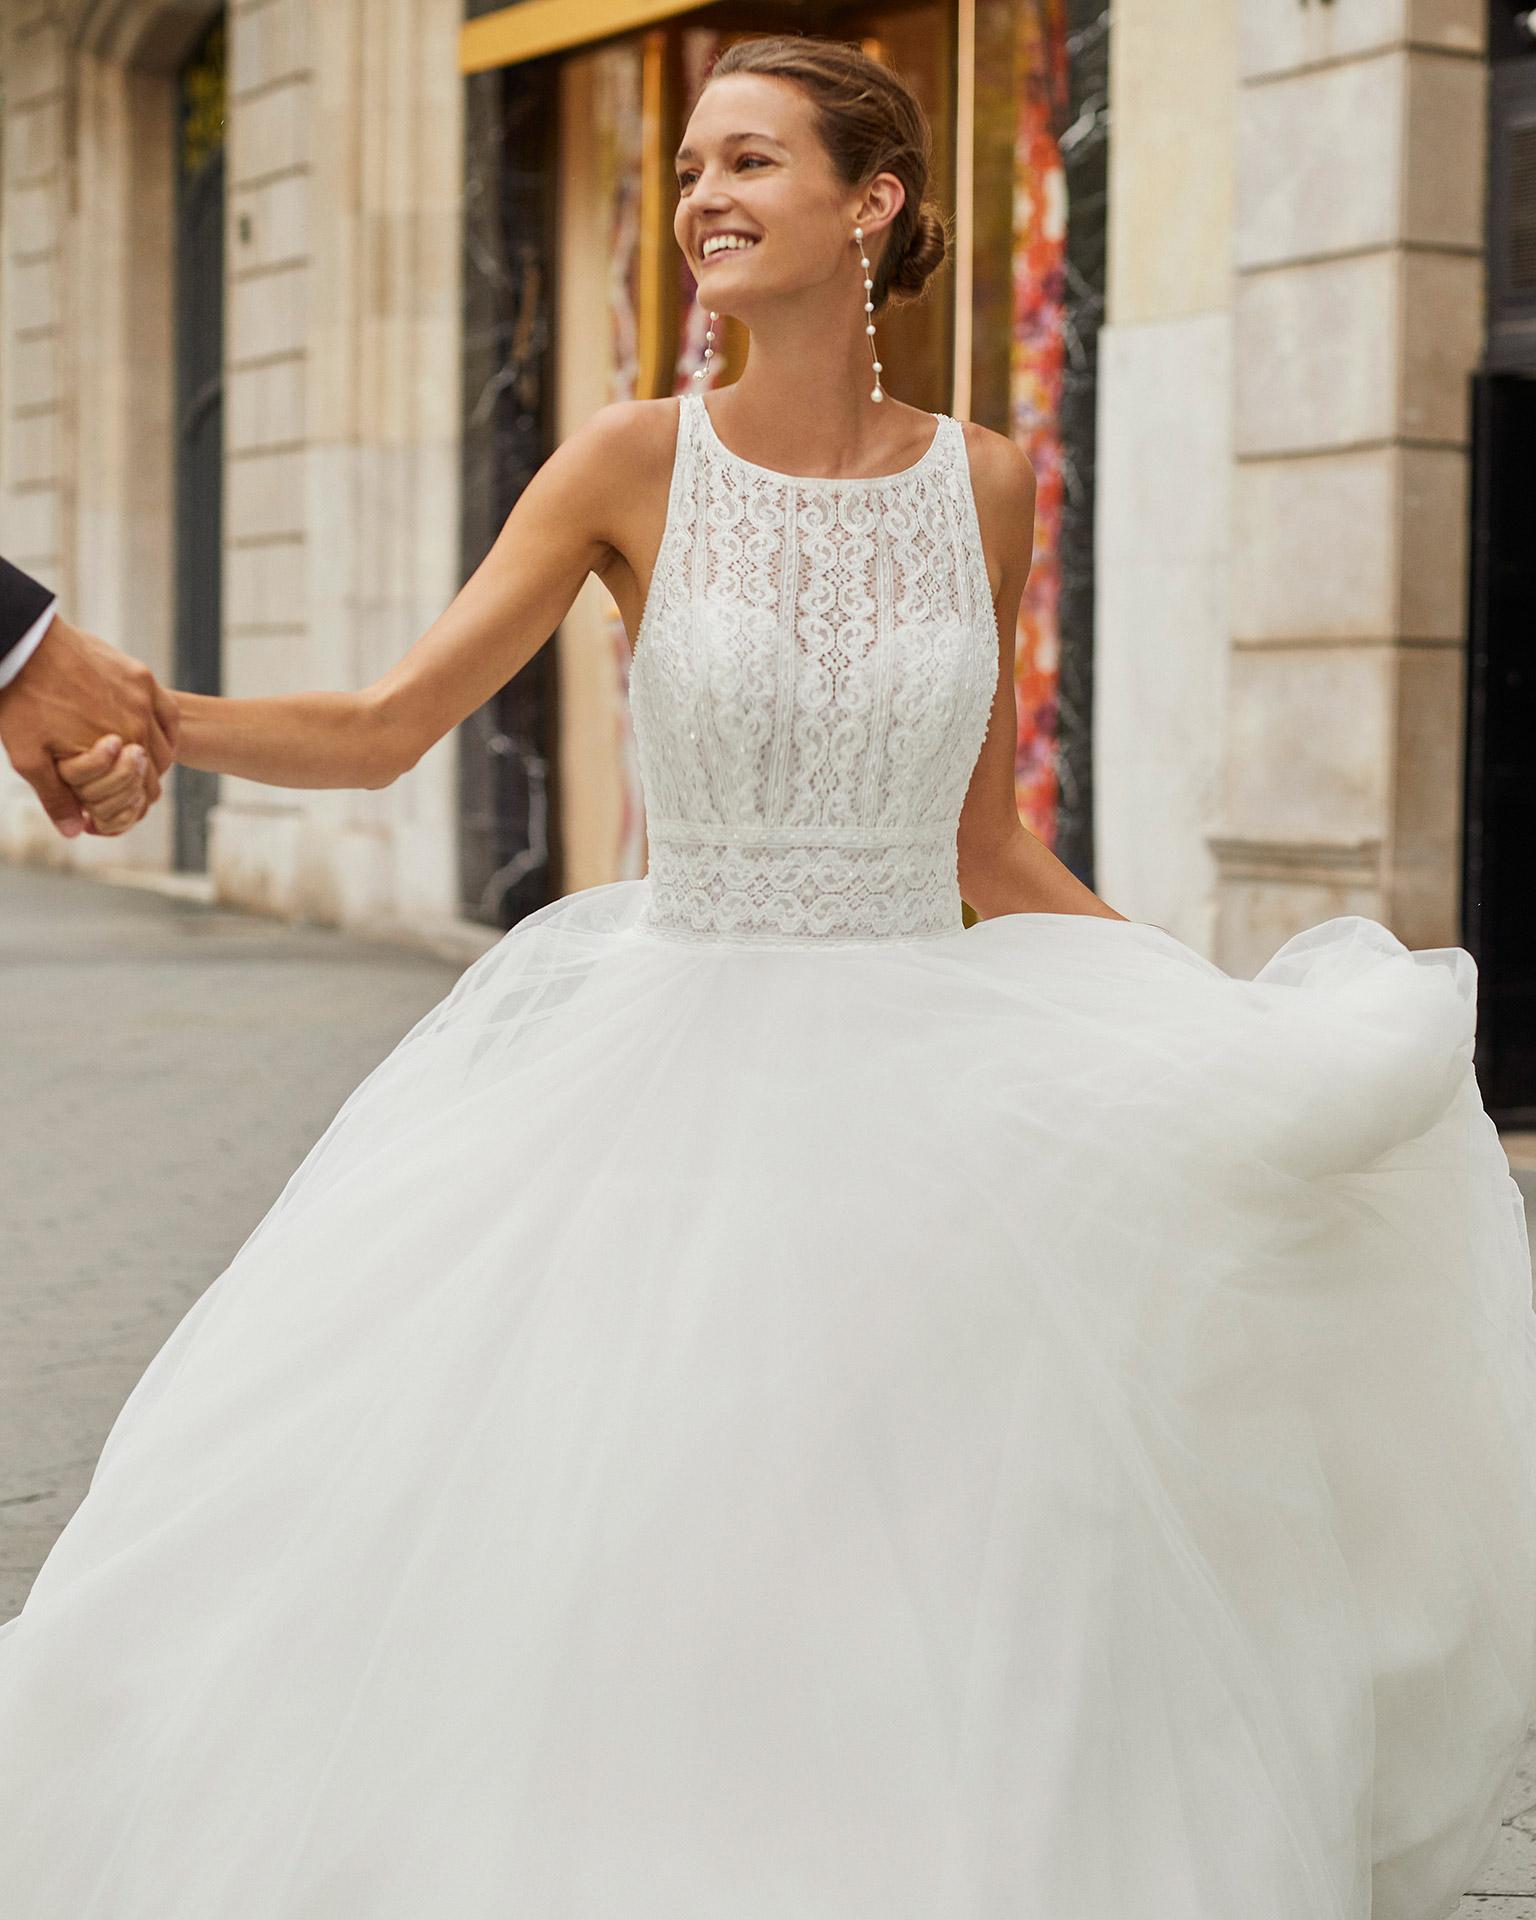 Vestido de novia de estilo romántico, tul, encaje y pedrería. Escote barco y espalda con tirantes cruzados. Colección  2022.